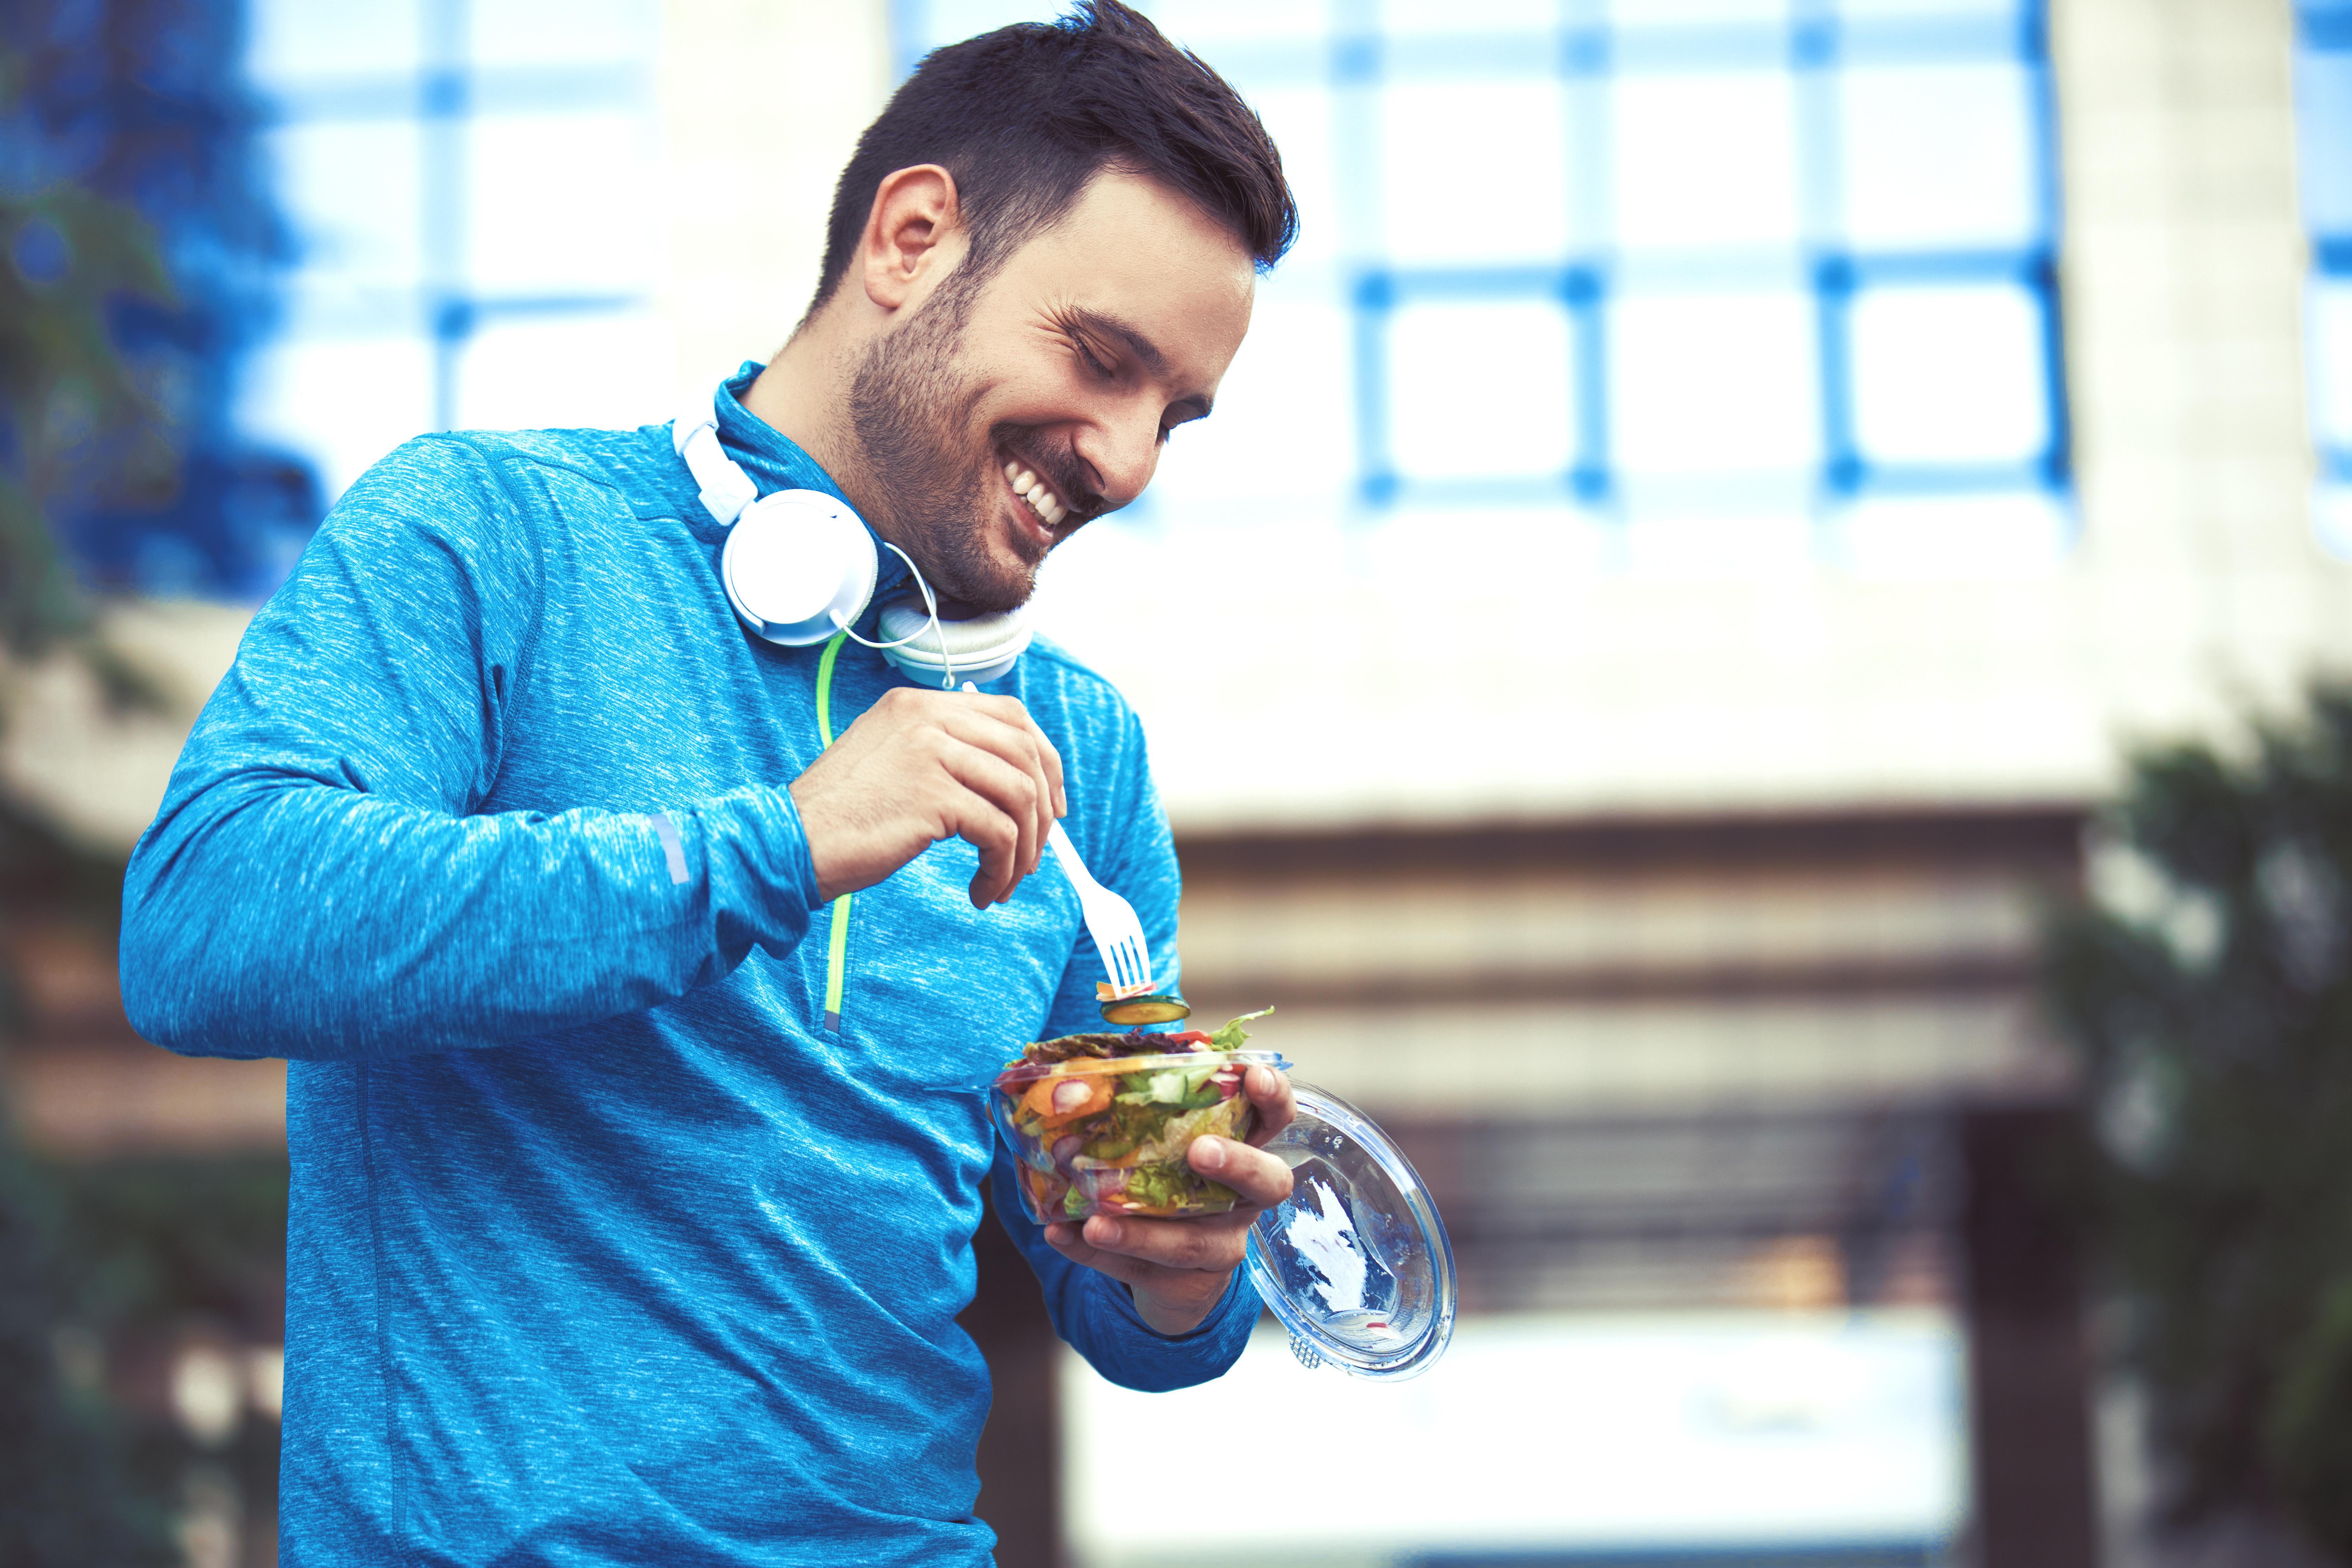 L'observance de ces 2 facteurs de mode de vie, la pratique régulière de l'exercice et une alimentation saine, à partir de la quarantaine est synonyme de bénéfice considérable en matière de santé cardiométabolique plus tard dans la vie (Visuel Adobe Stock 170105073)